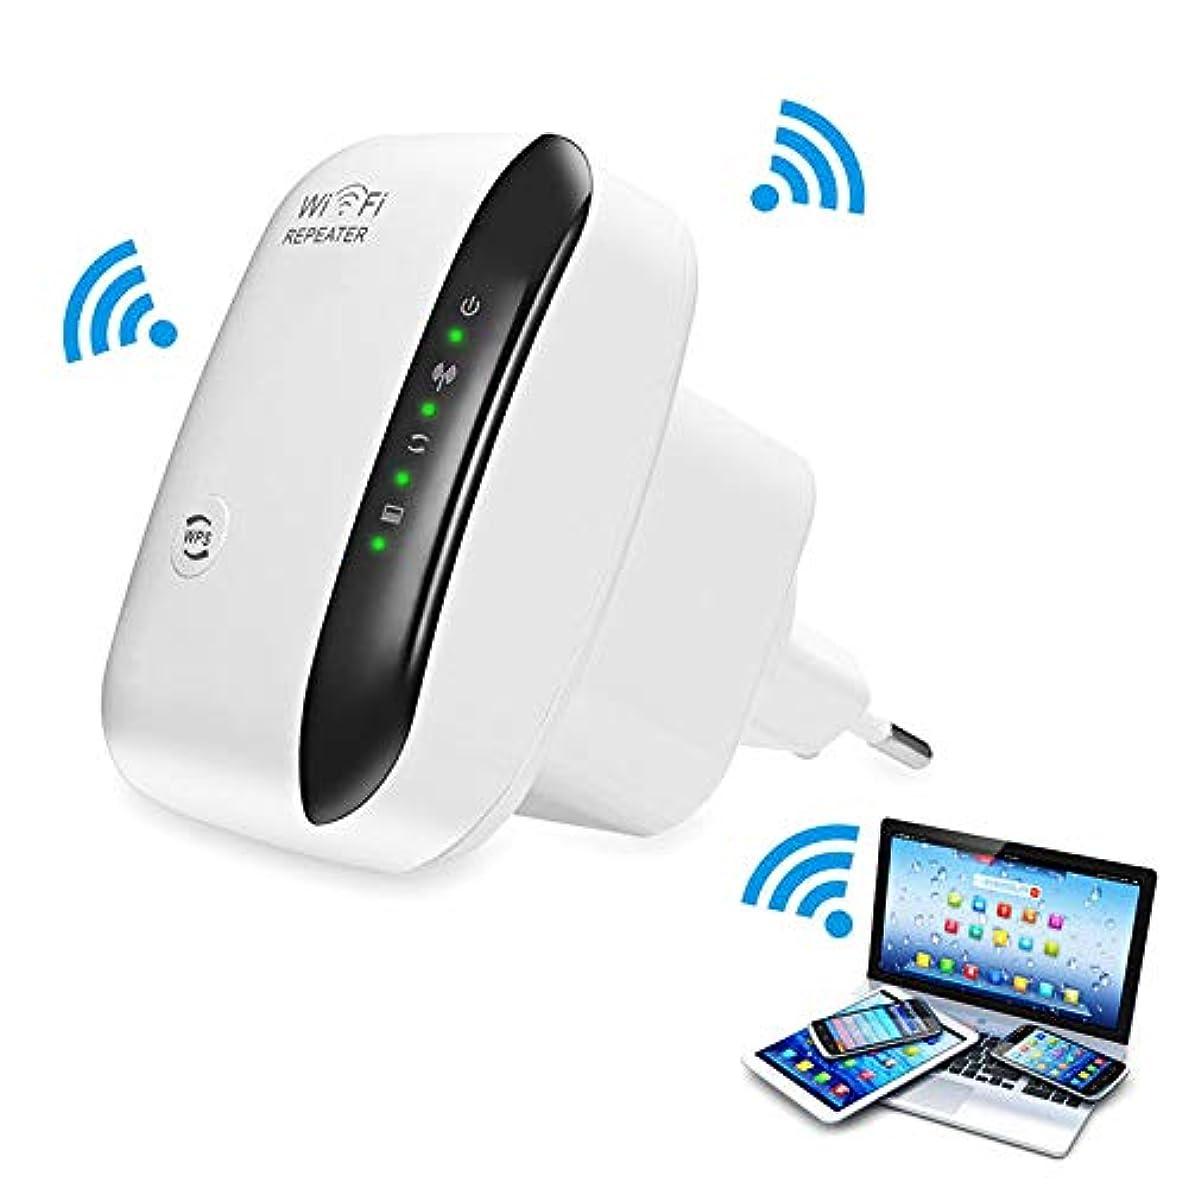 成長する無線トロリーYeabay Wifiスーパーブースター、WiFiワイヤレスリピーター、Wi-Fiレンジエクステンダ300mbps 2.4GHz WiFiblastアンプWiFiブースター